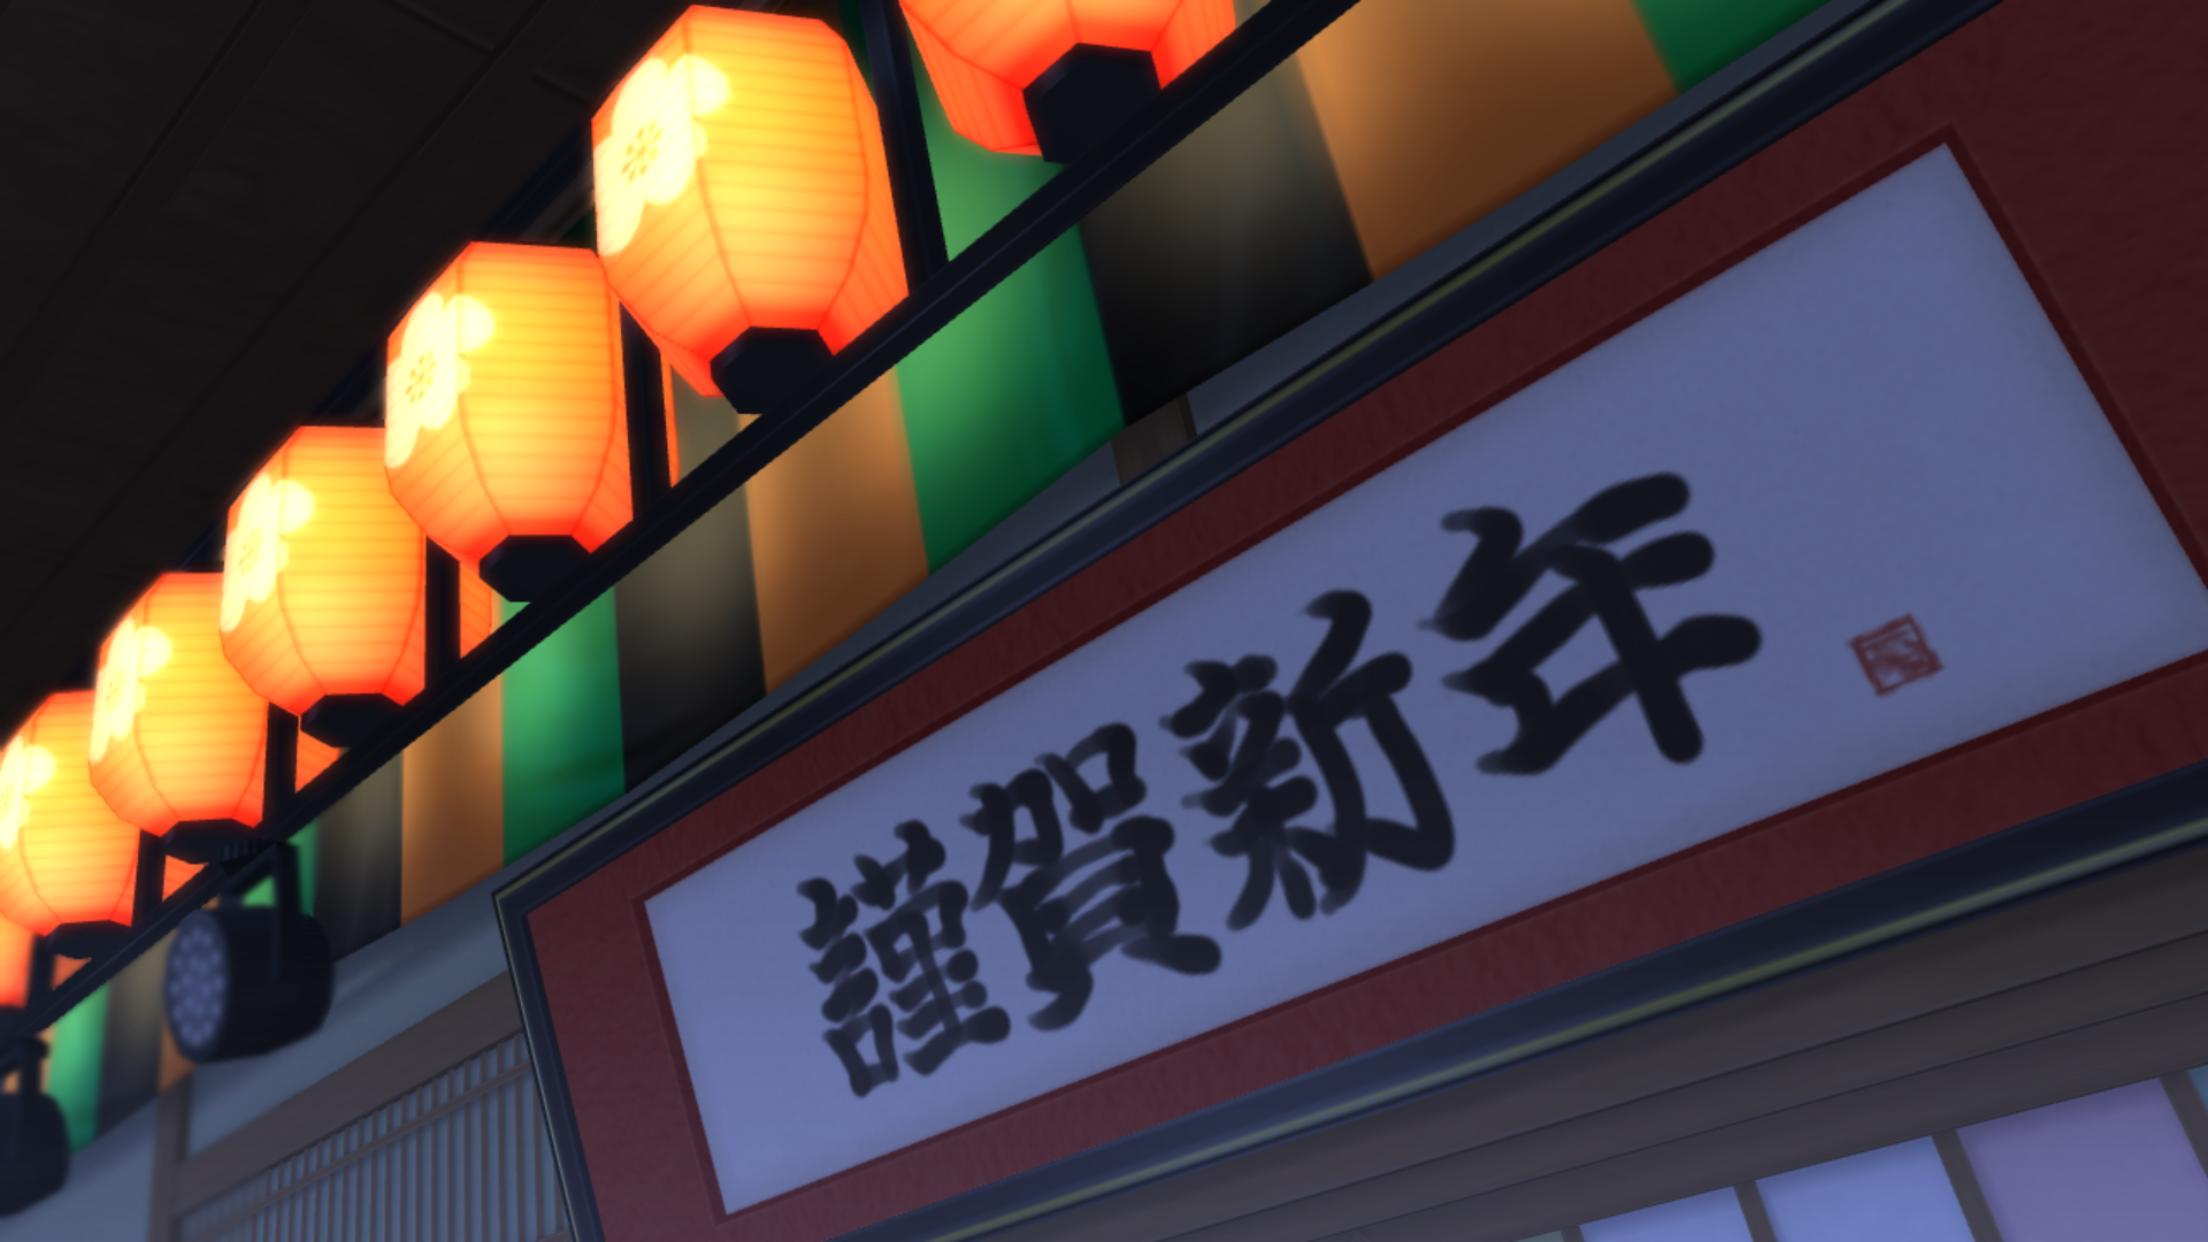 f:id:SeisoSakuya:20190205221338p:image